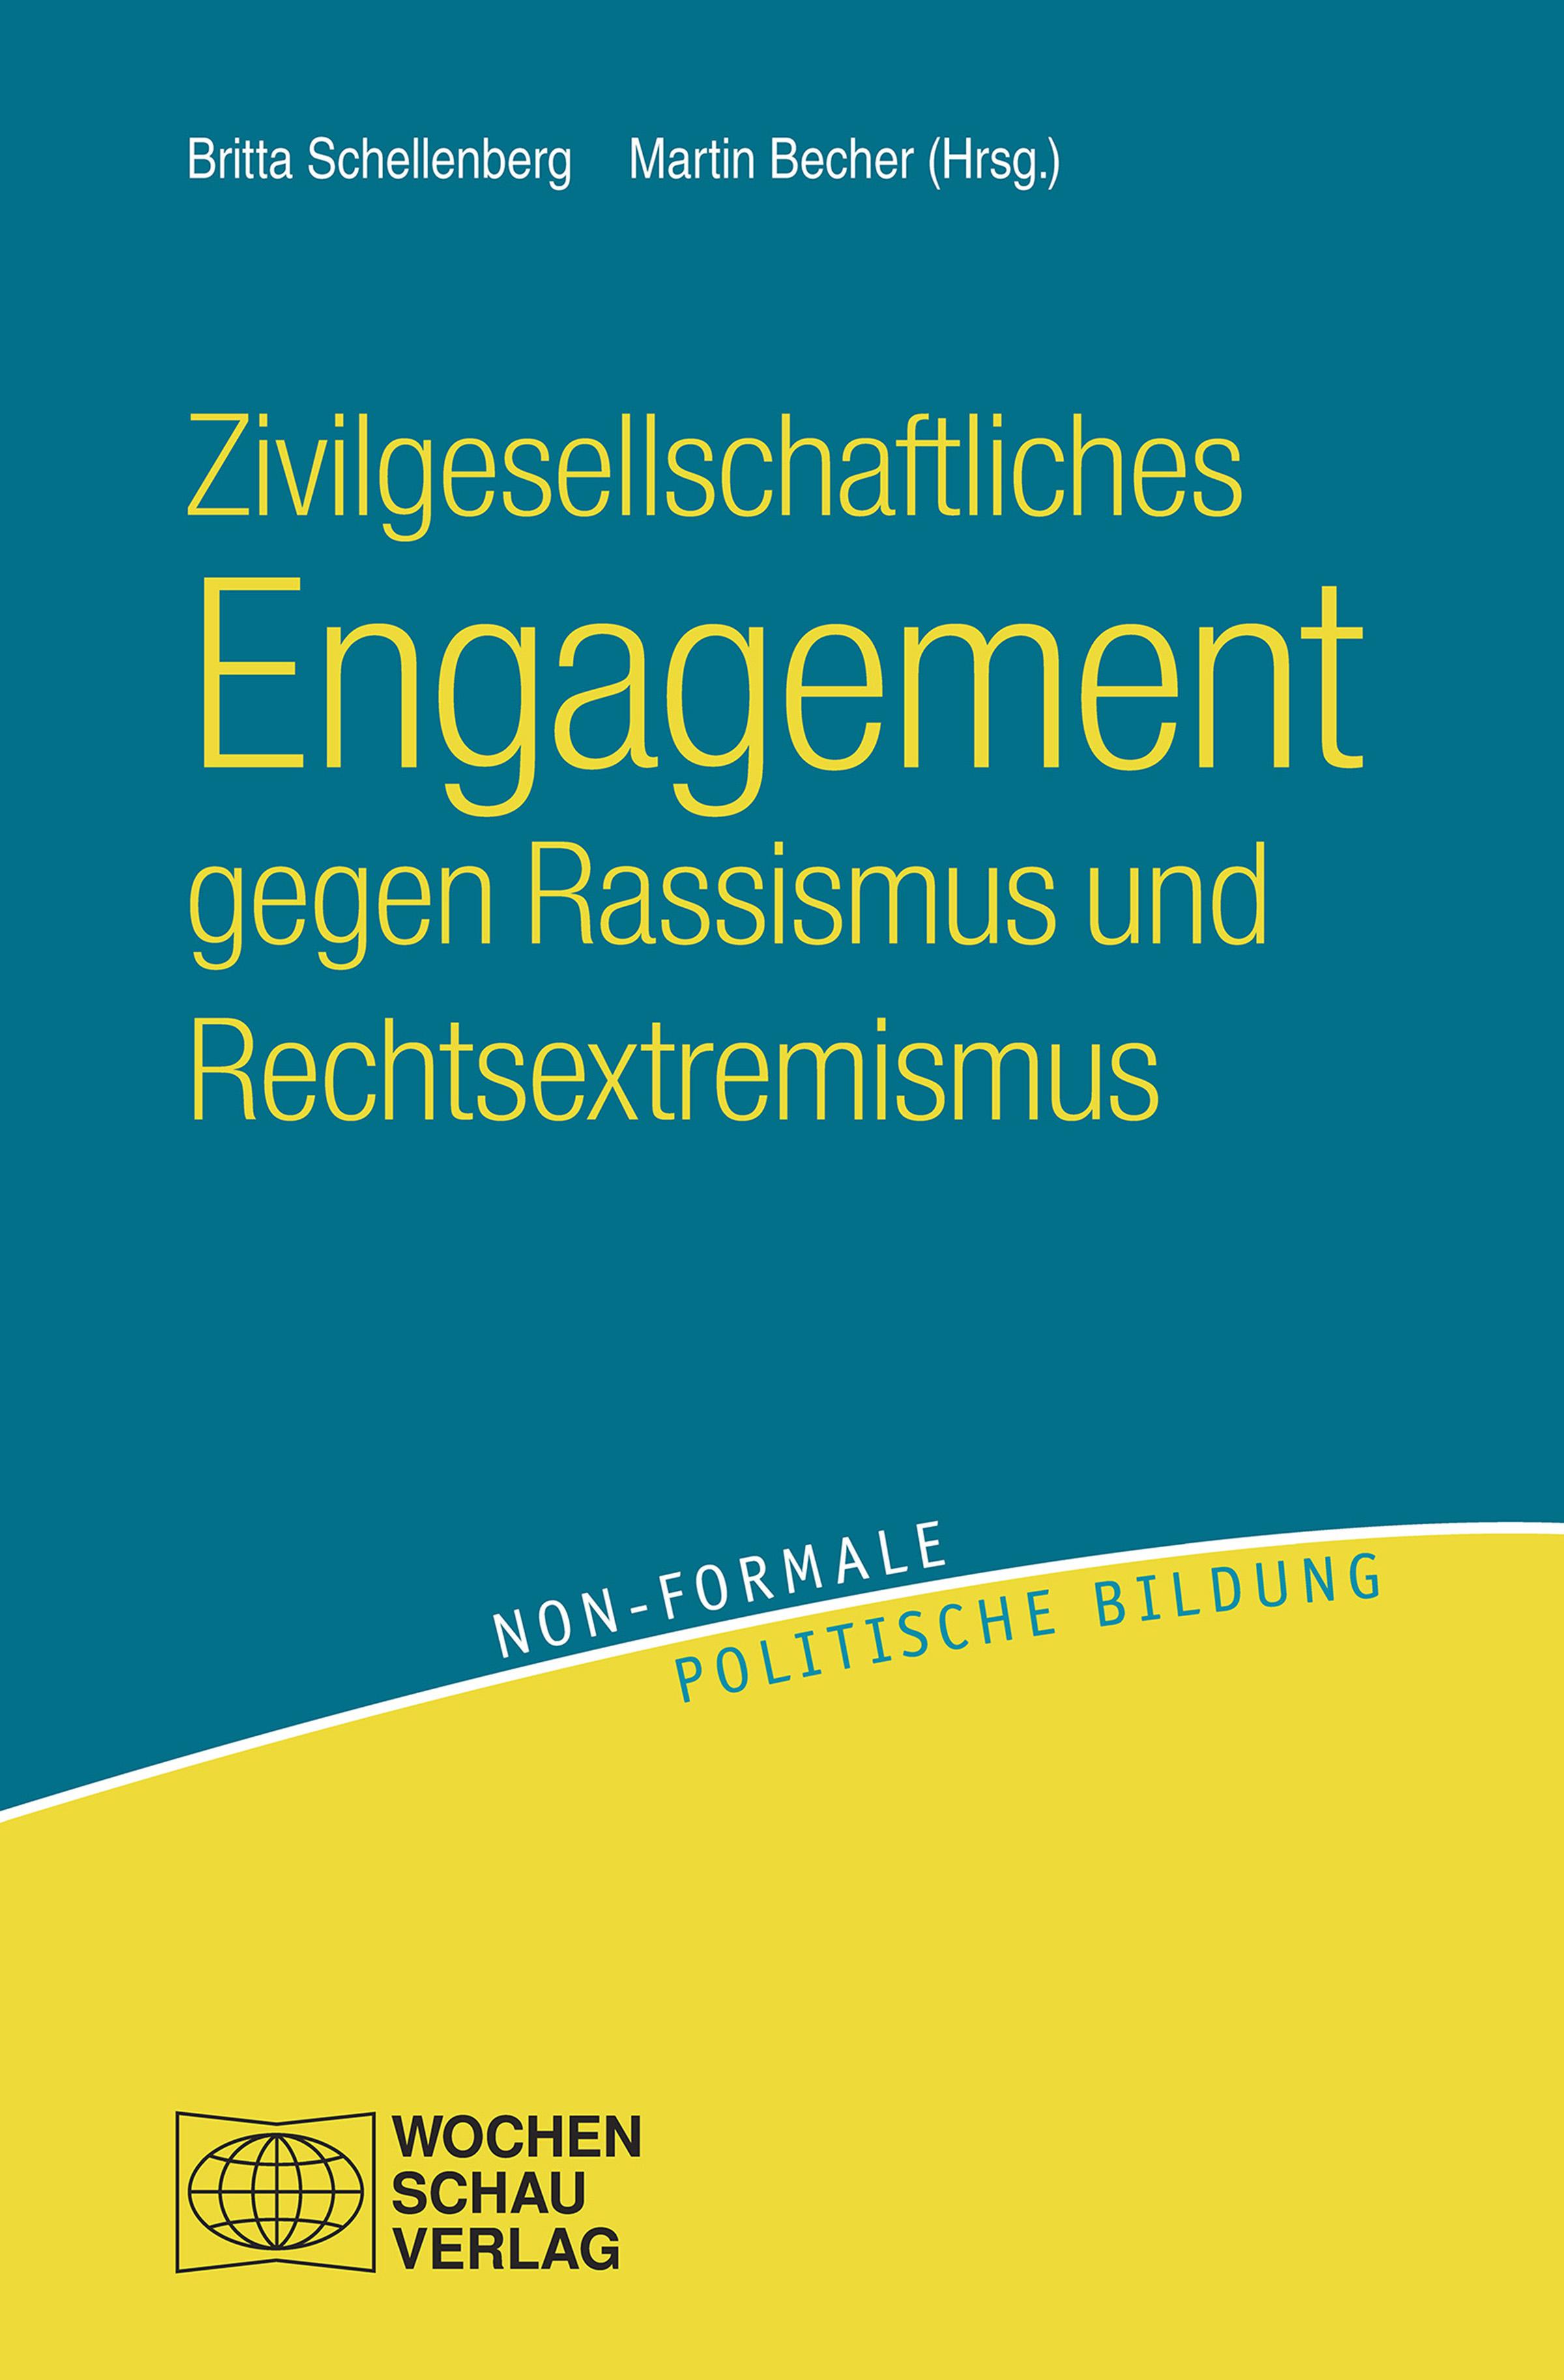 Zivilgesellschaftliches Engagement